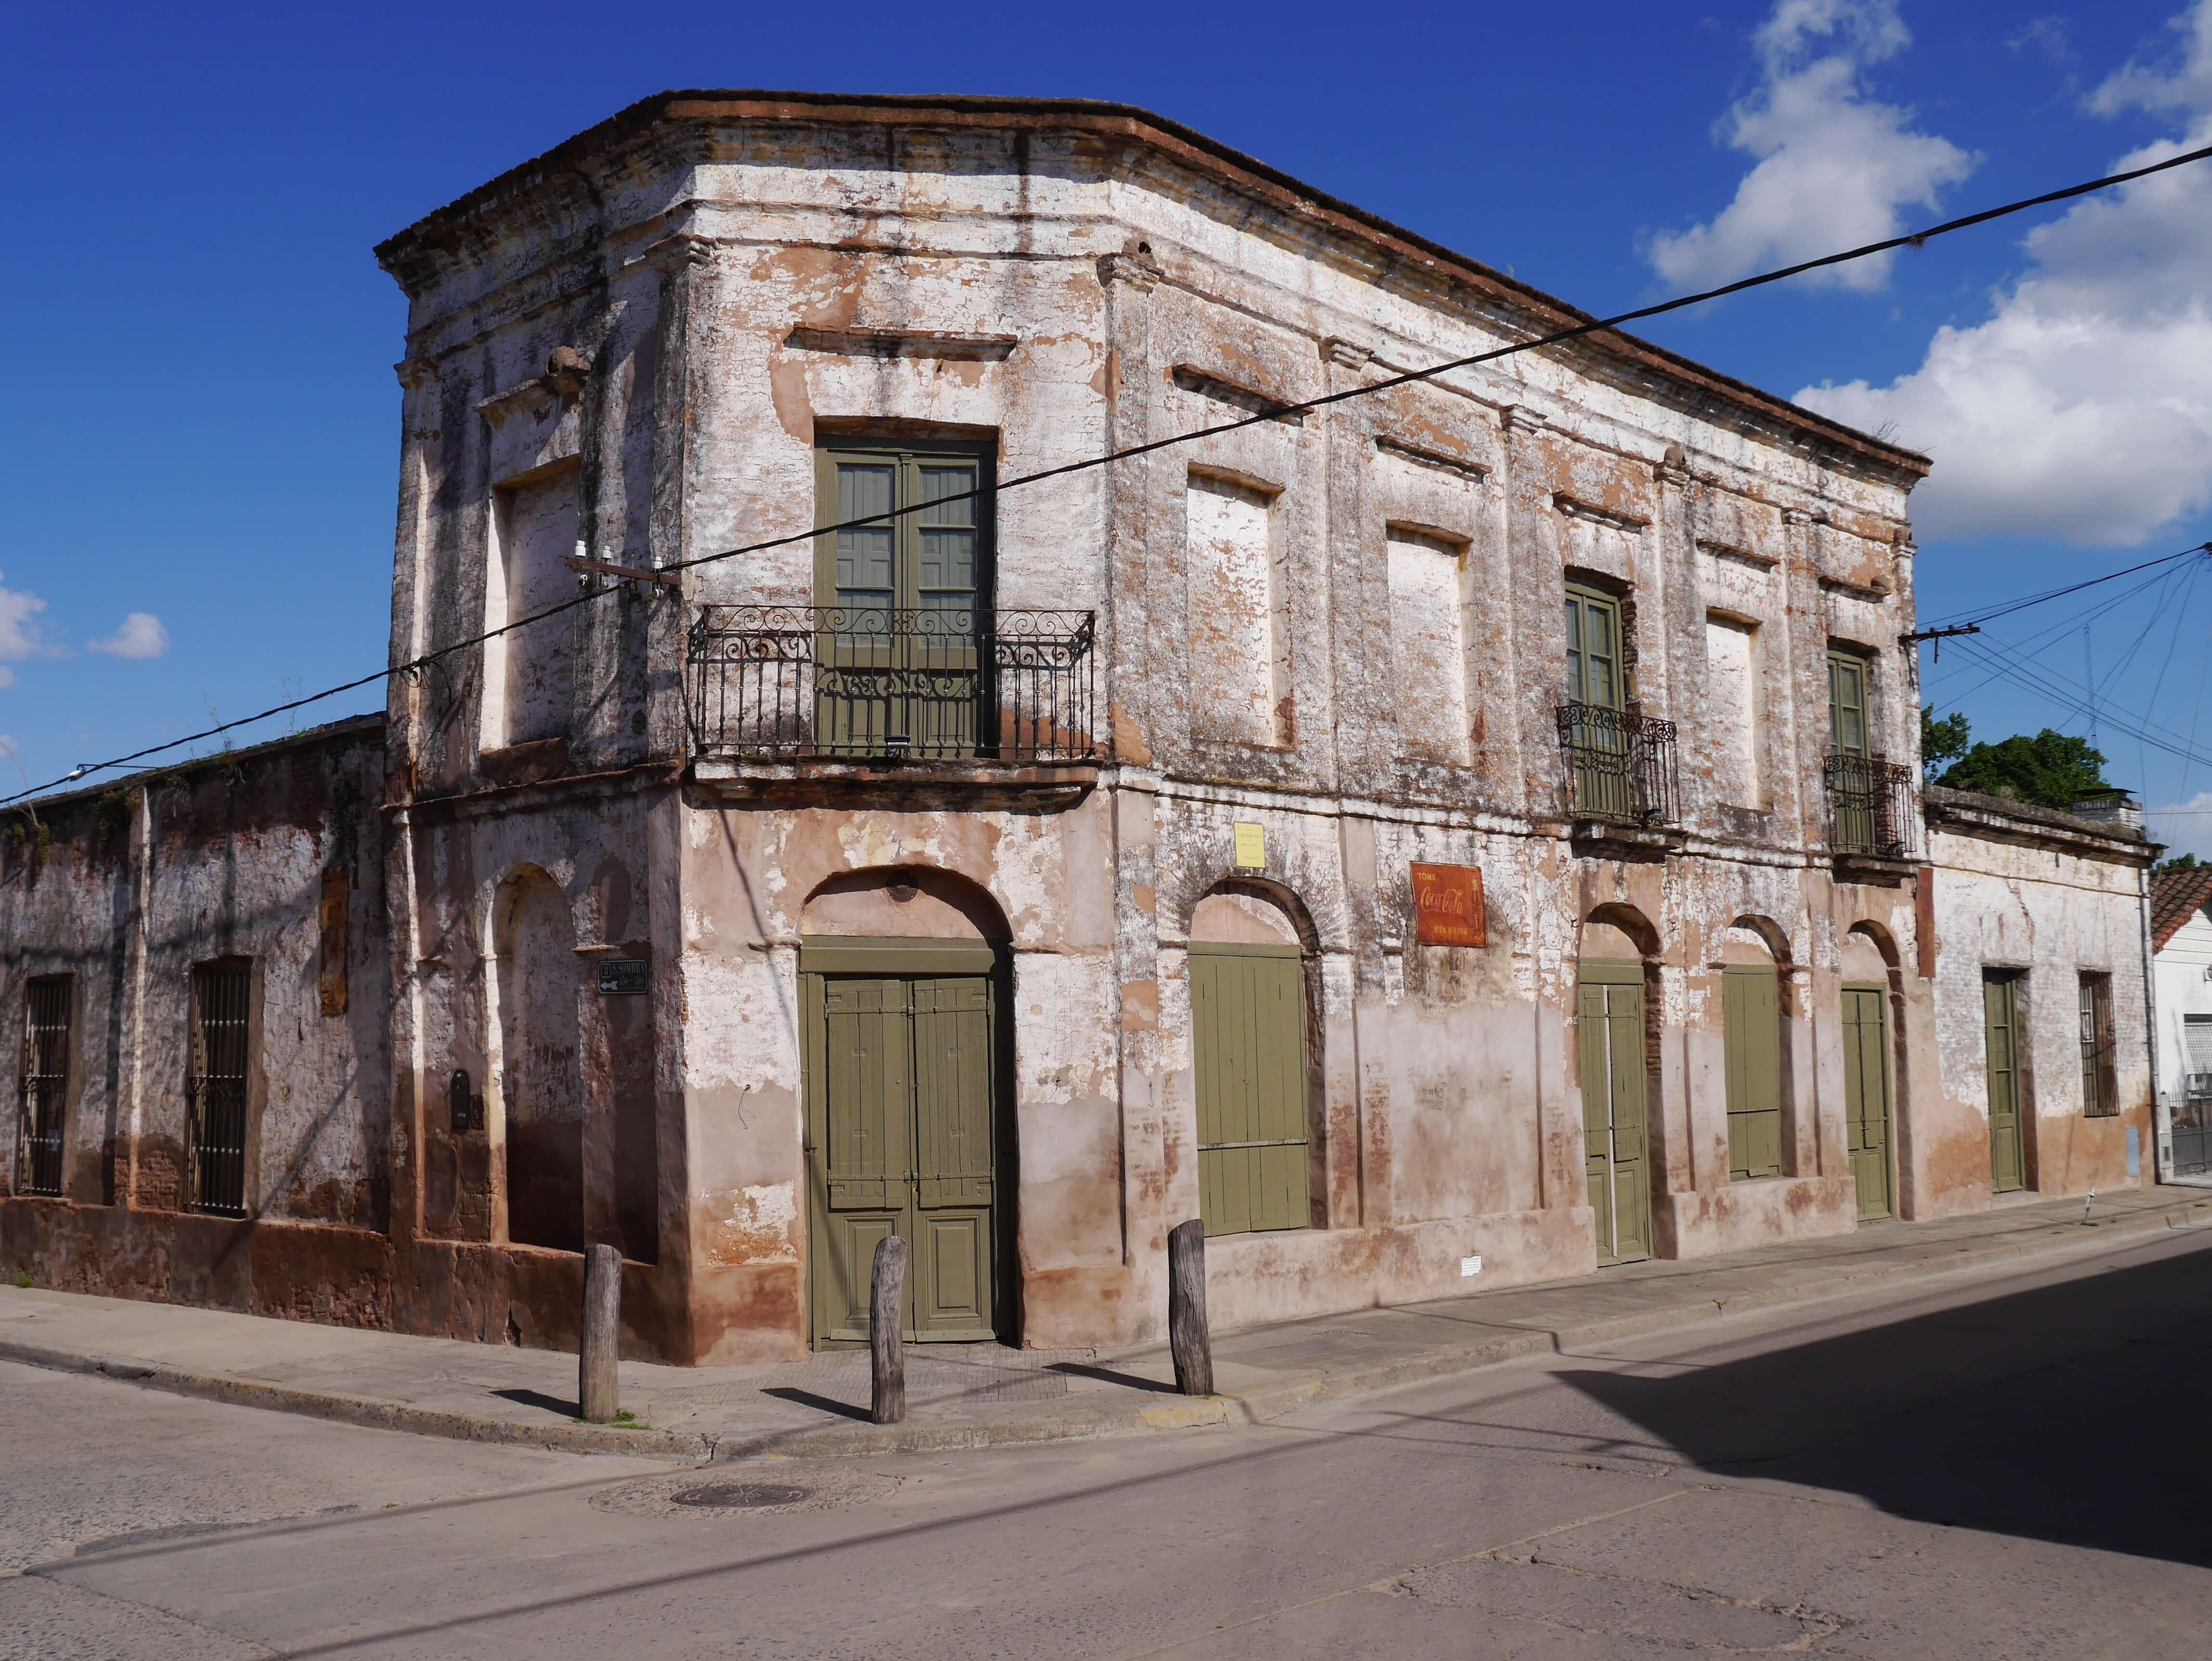 San-Antonio-de-Areco-Argentina-edificio-antiguo